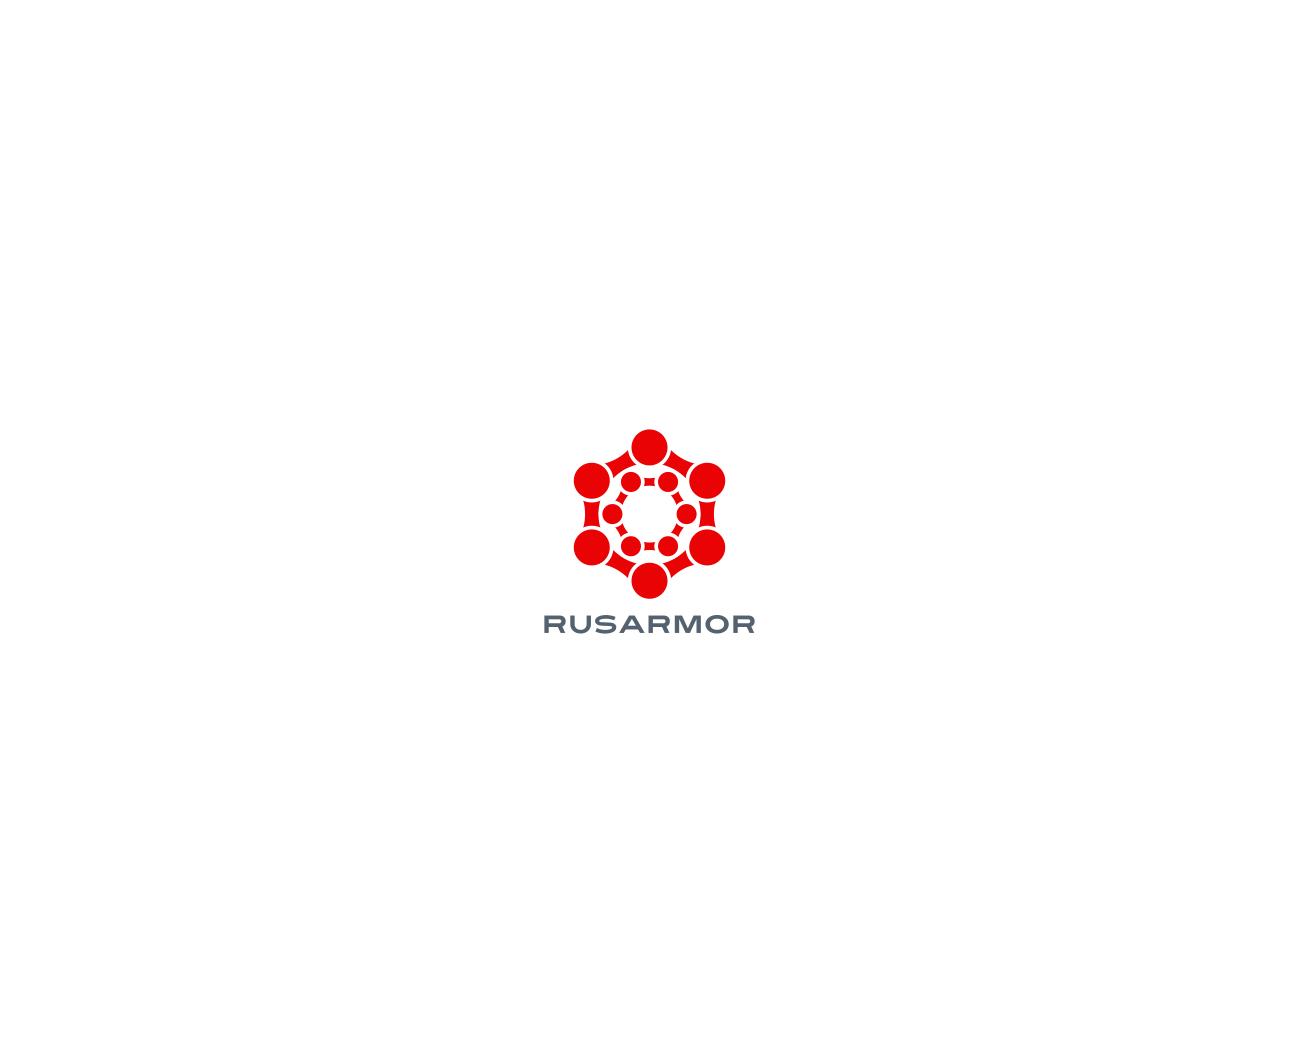 Разработка логотипа технологического стартапа РУСАРМОР фото f_1255a0e206d5484a.png